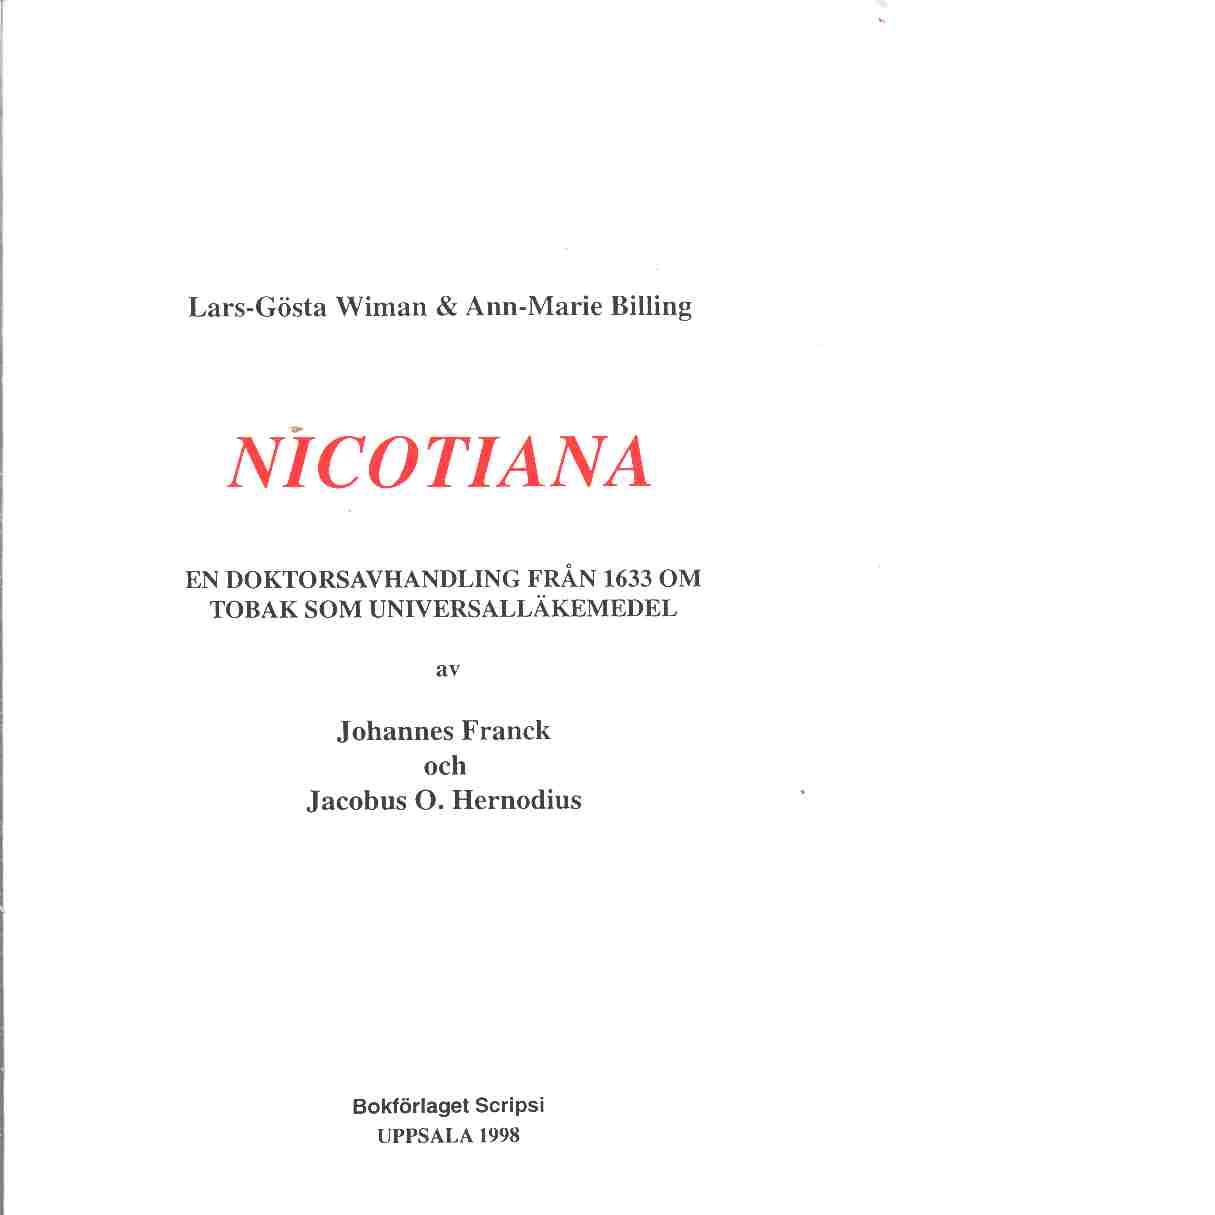 Nicotiana - Wiman, Lars-Gösta och Billing-Ottosson, Ann-Marie